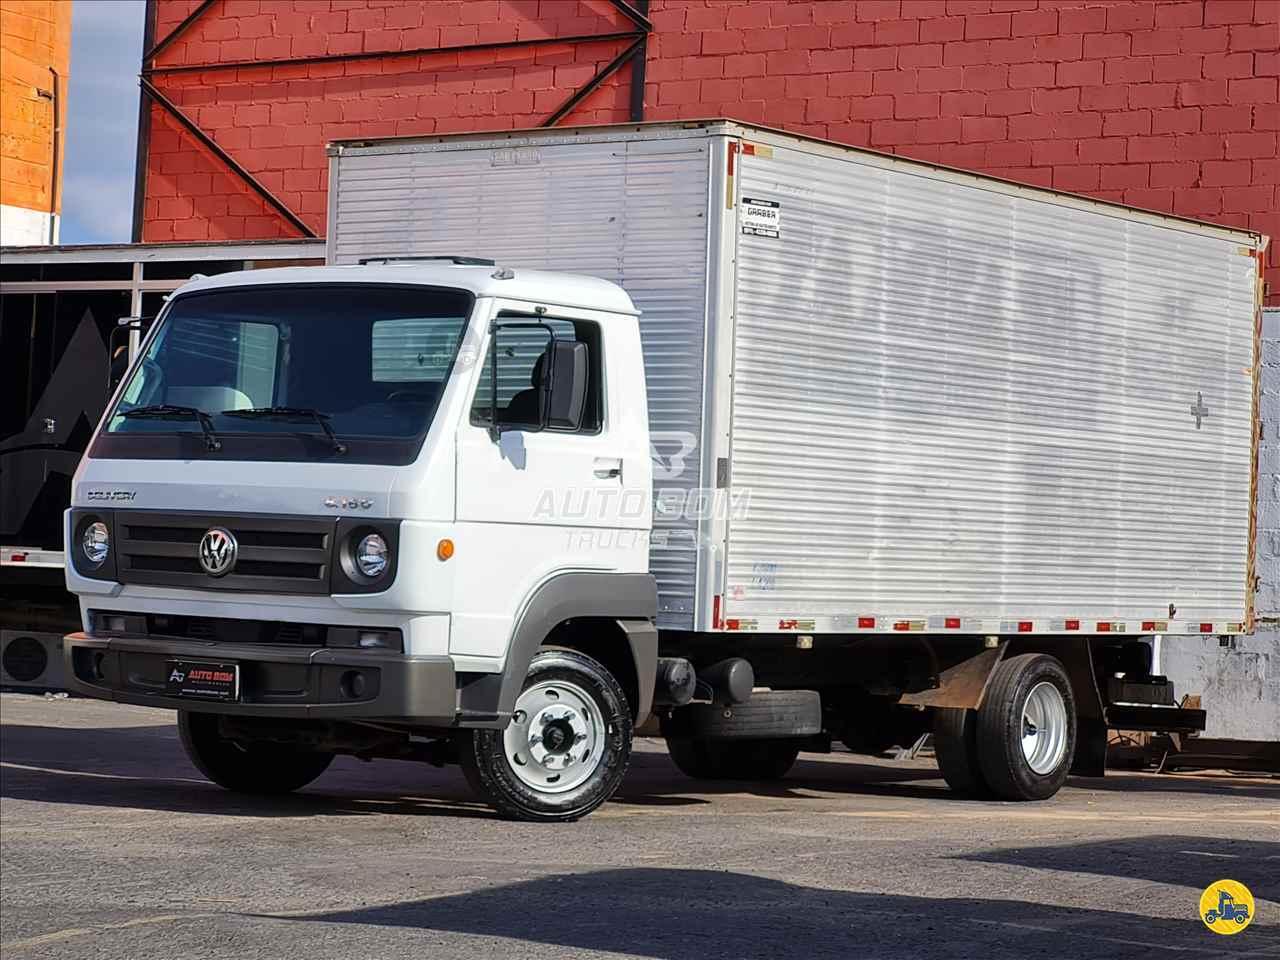 VW 8160 de Autobom Trucks - CONTAGEM/MG